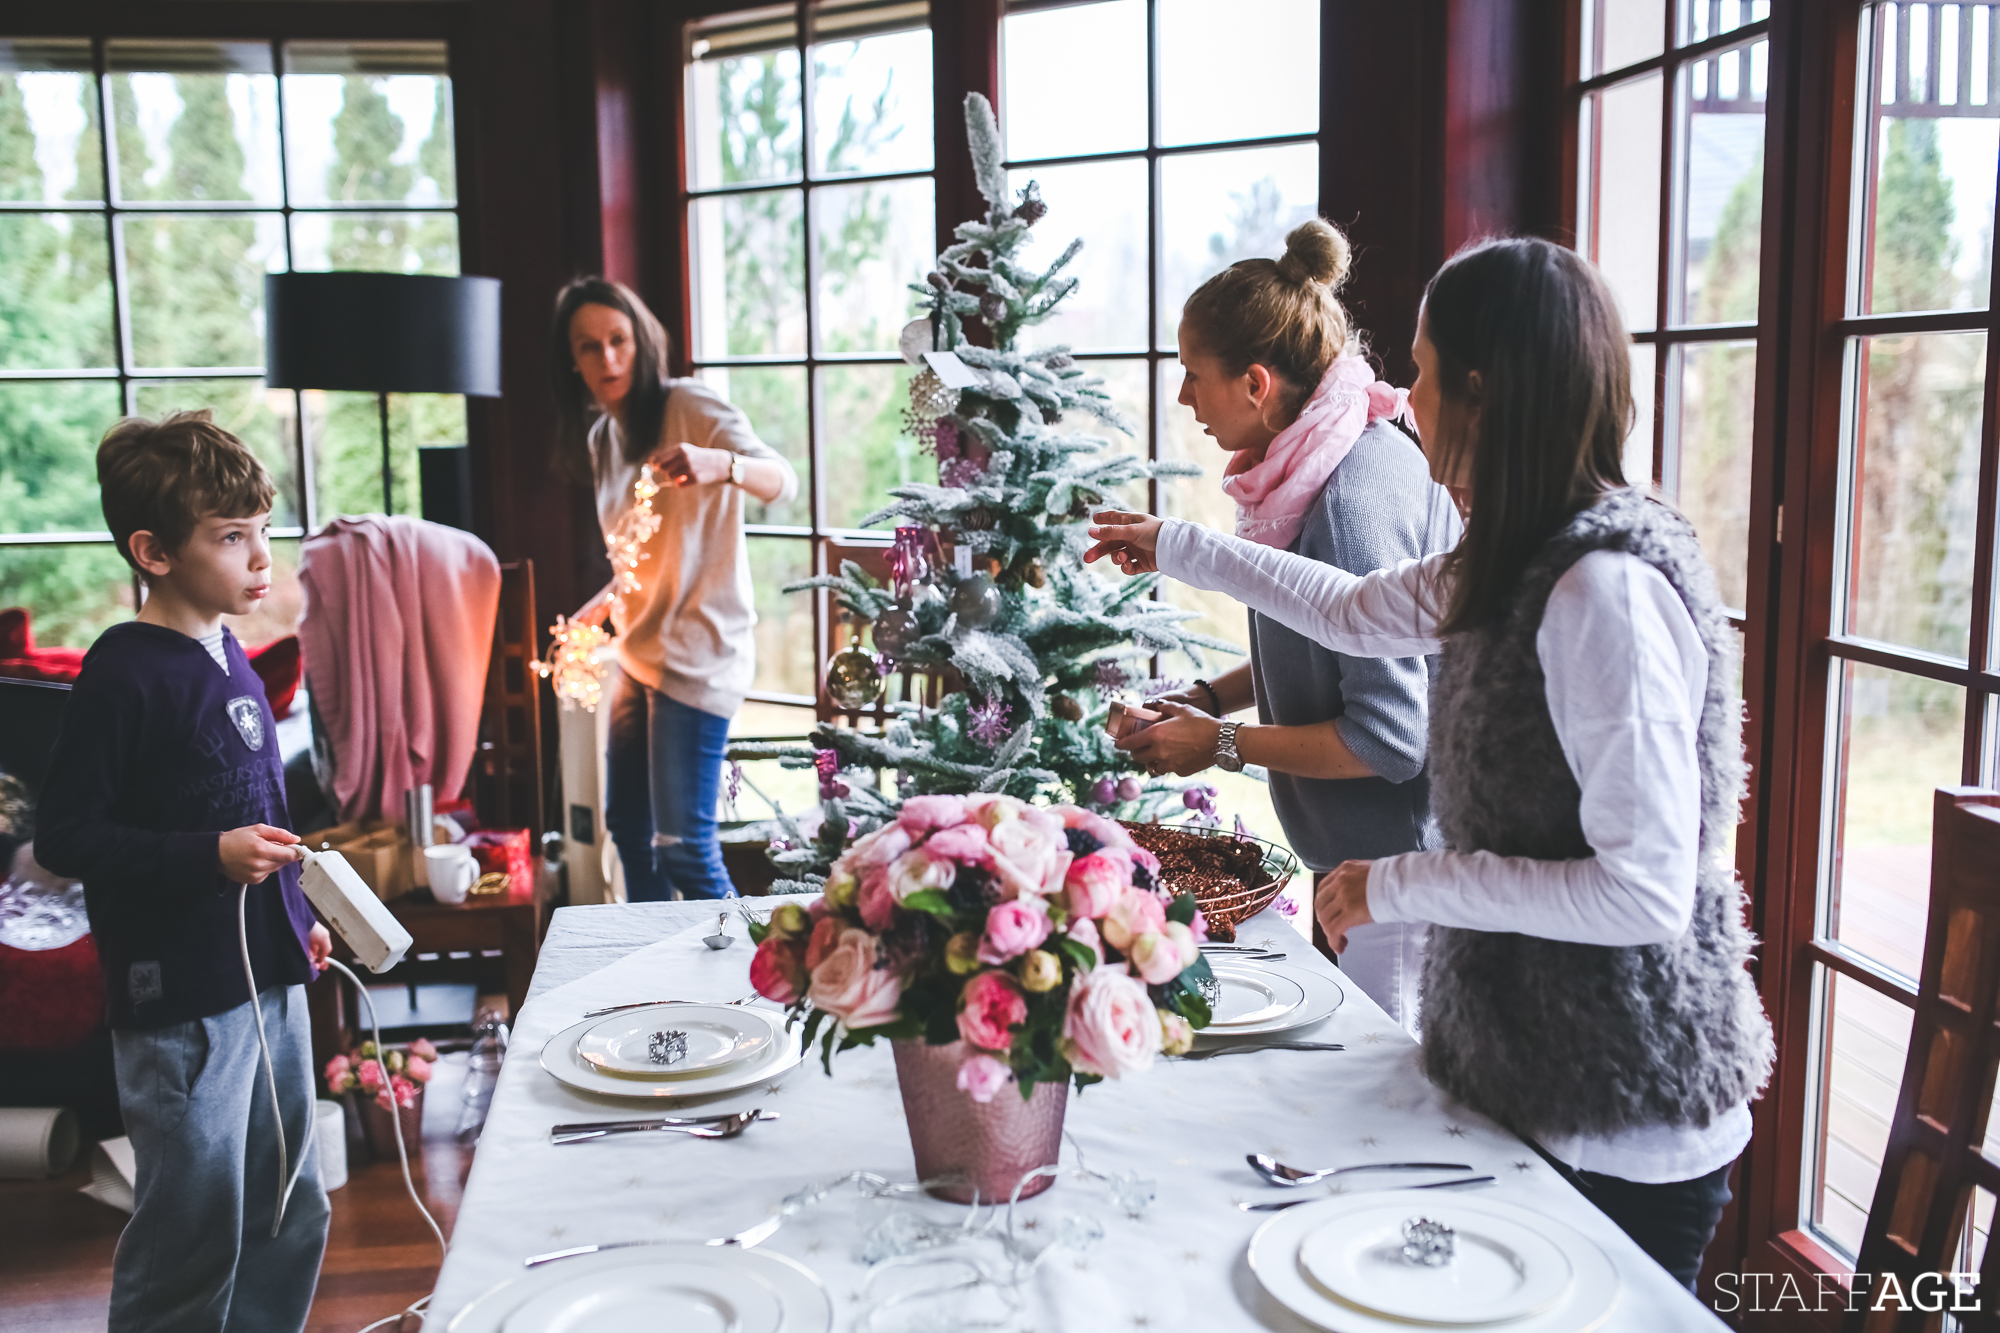 2 Staffagepl wigilijny stol pomysly na jadalnie swiateczne aranzacje chrstmas table settings ideas interior design winter flowers tableware